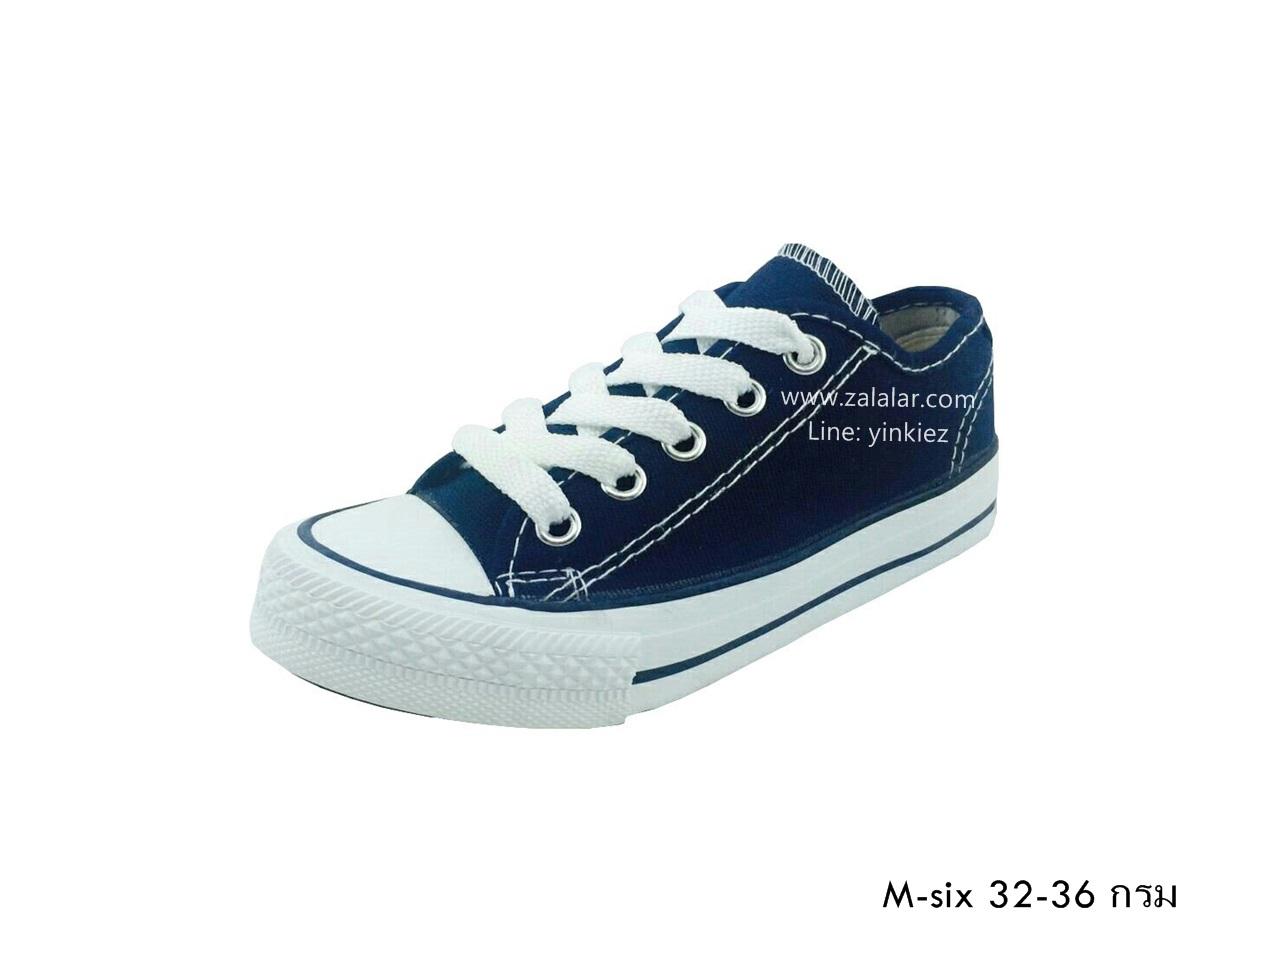 [พร้อมส่ง] รองเท้าผ้าใบเด็กแฟชั่น รุ่น M-six สีกรม